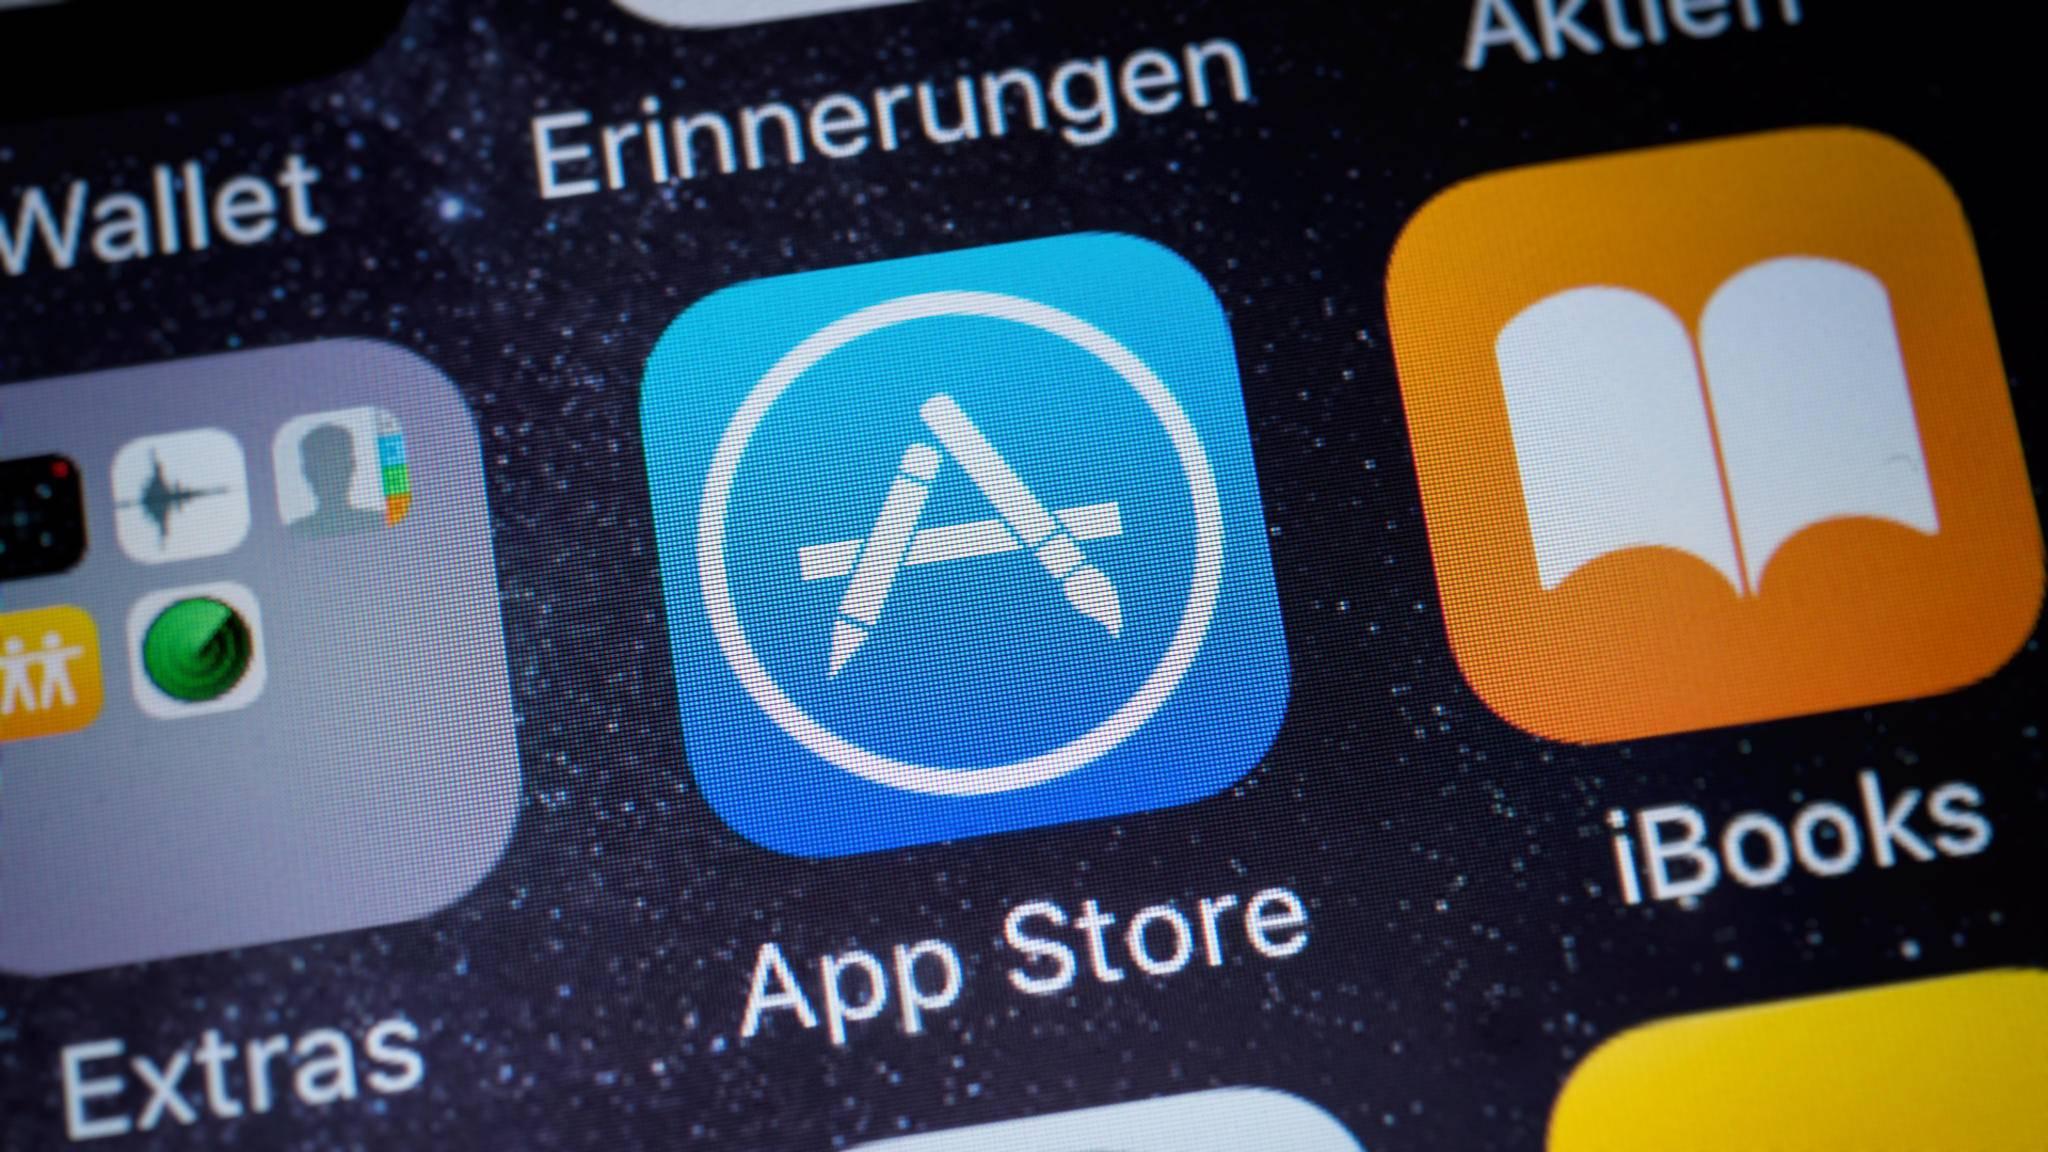 Apple passt die Preise im deutschen App Store an – das neue Modell sieht höhere Preise für Apps und Spiele vor.